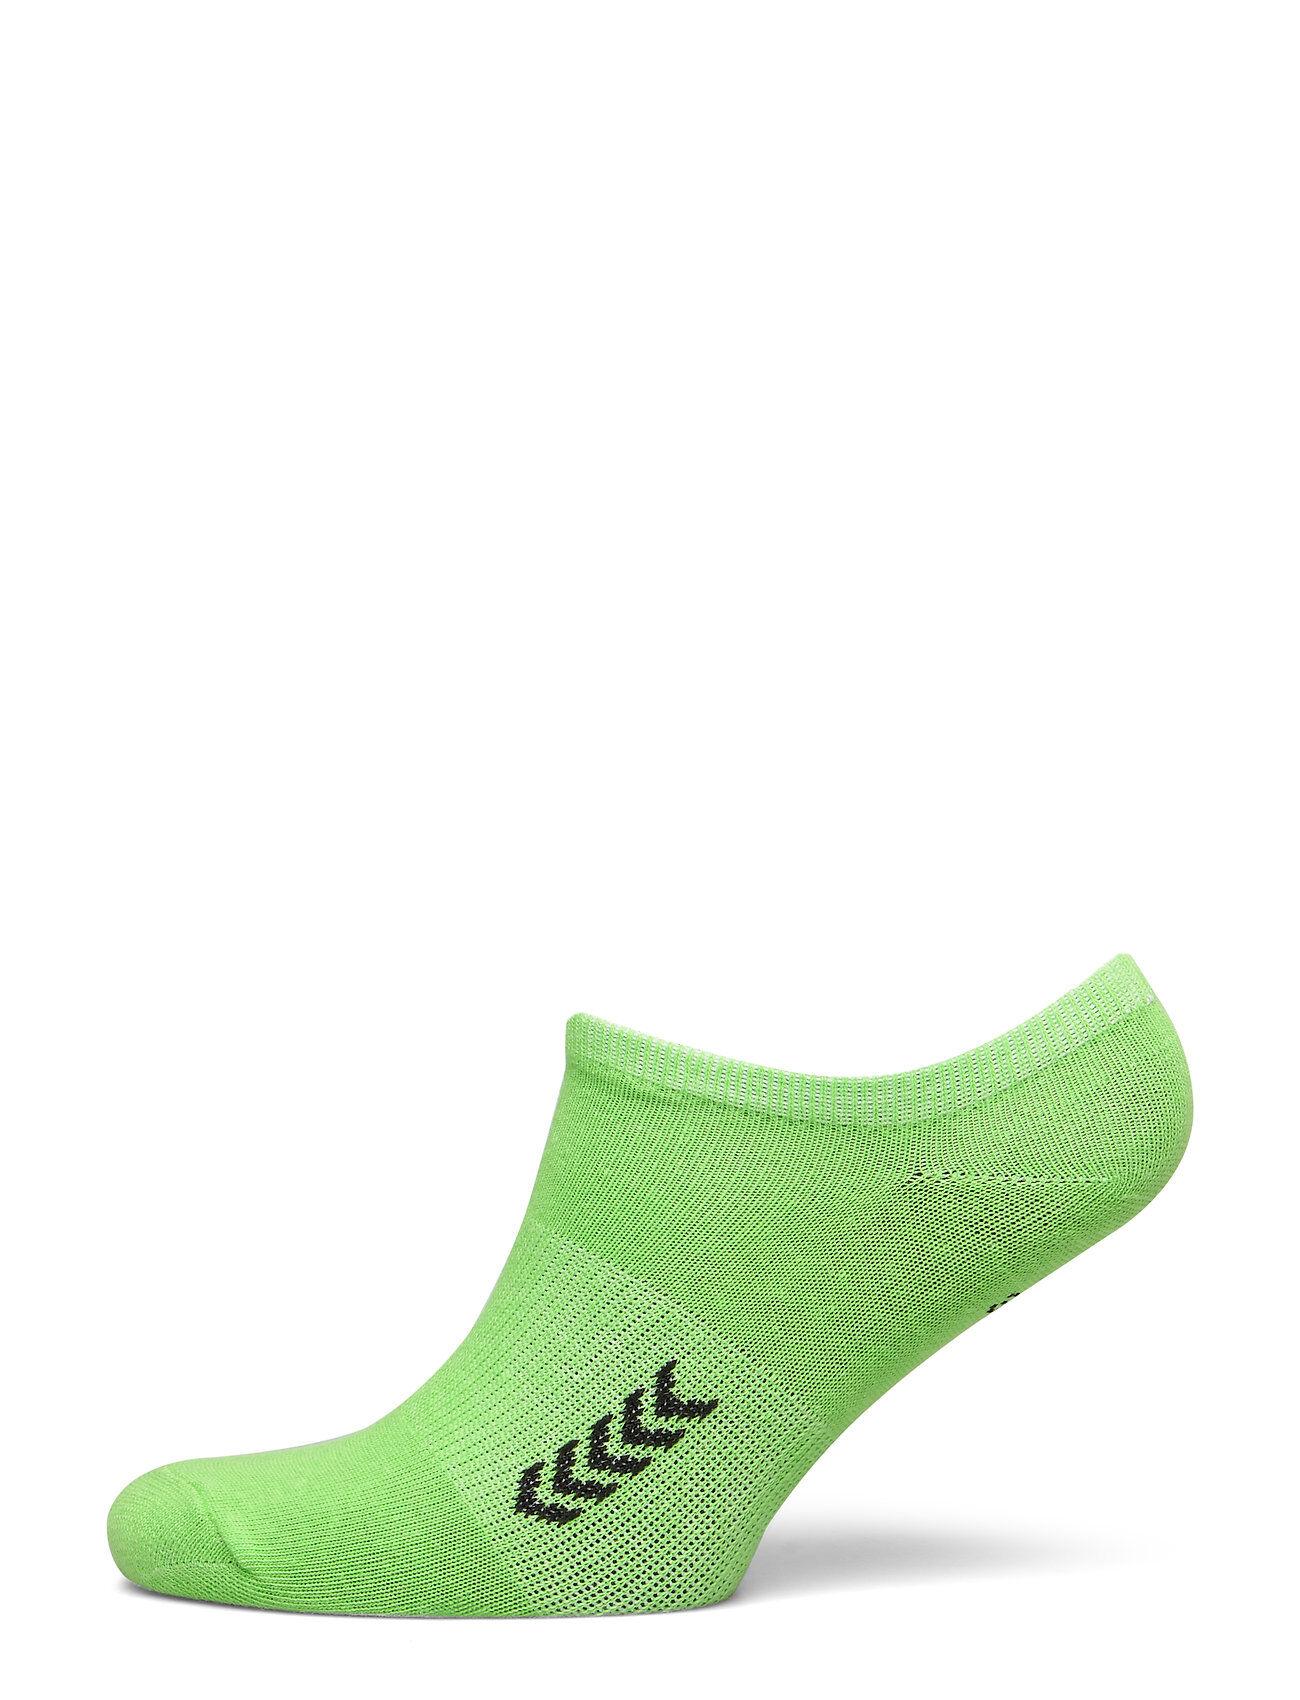 Hummel Ankle Sock Smu Ankelsokker Korte Strømper Grønn Hummel